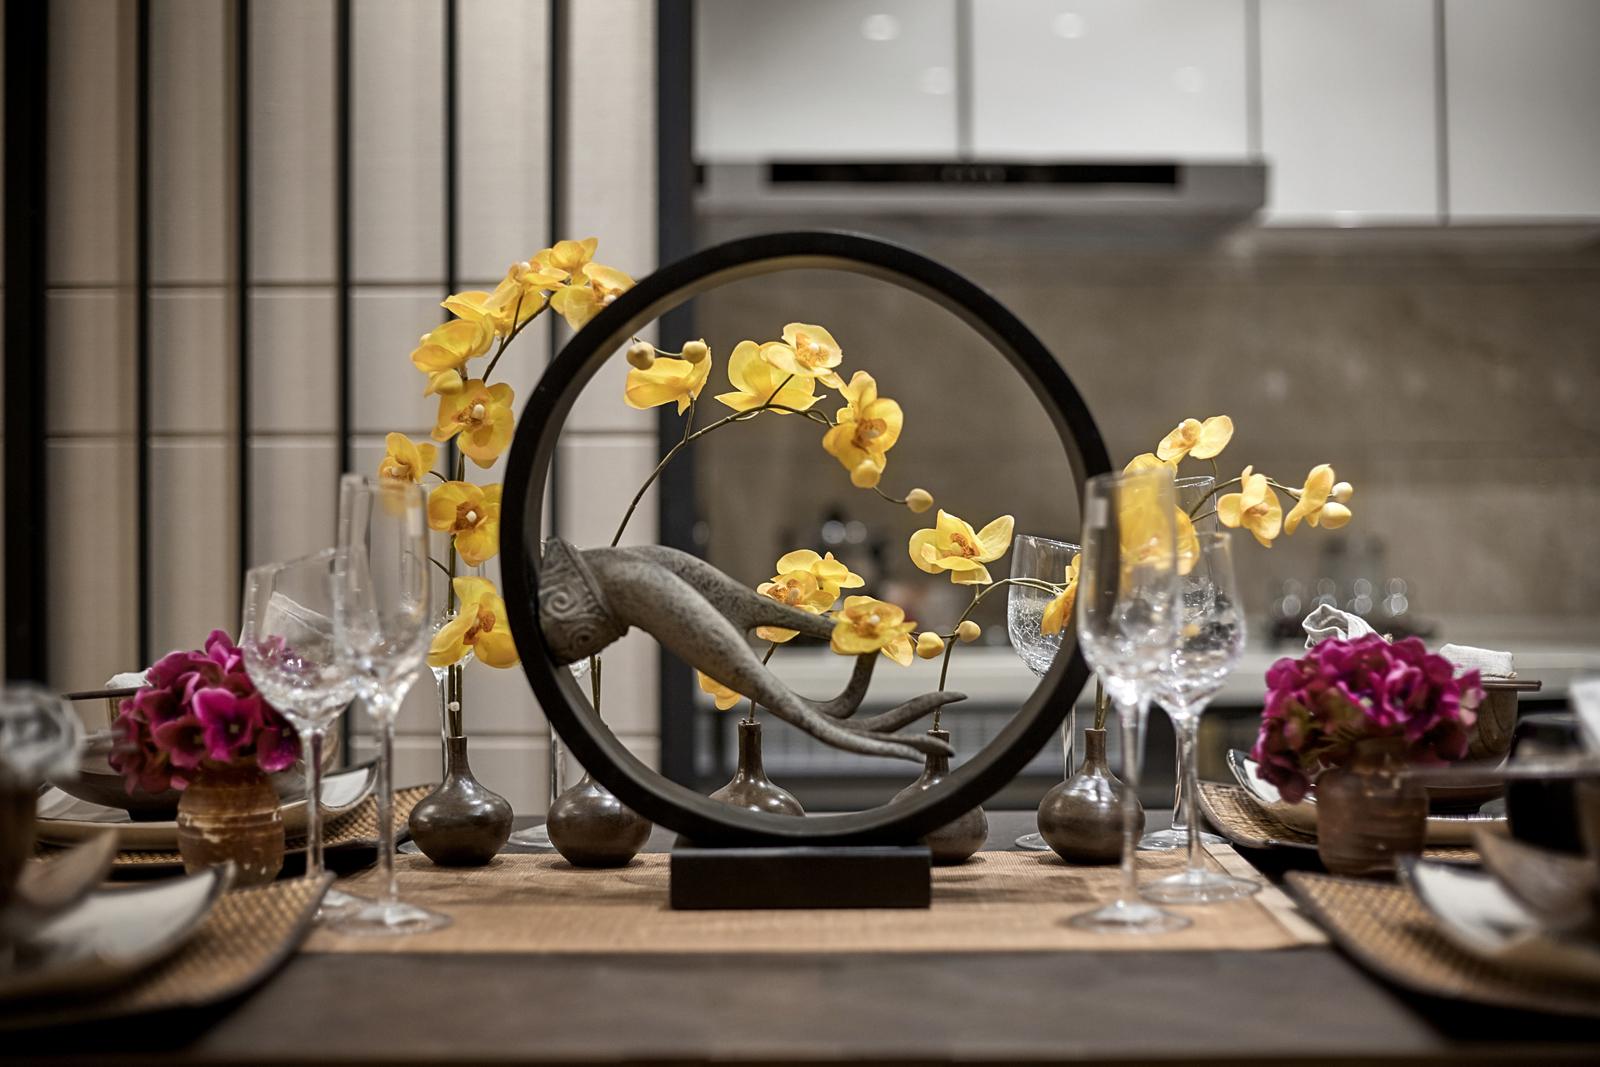 中式豪华大户型装修餐桌装饰小景